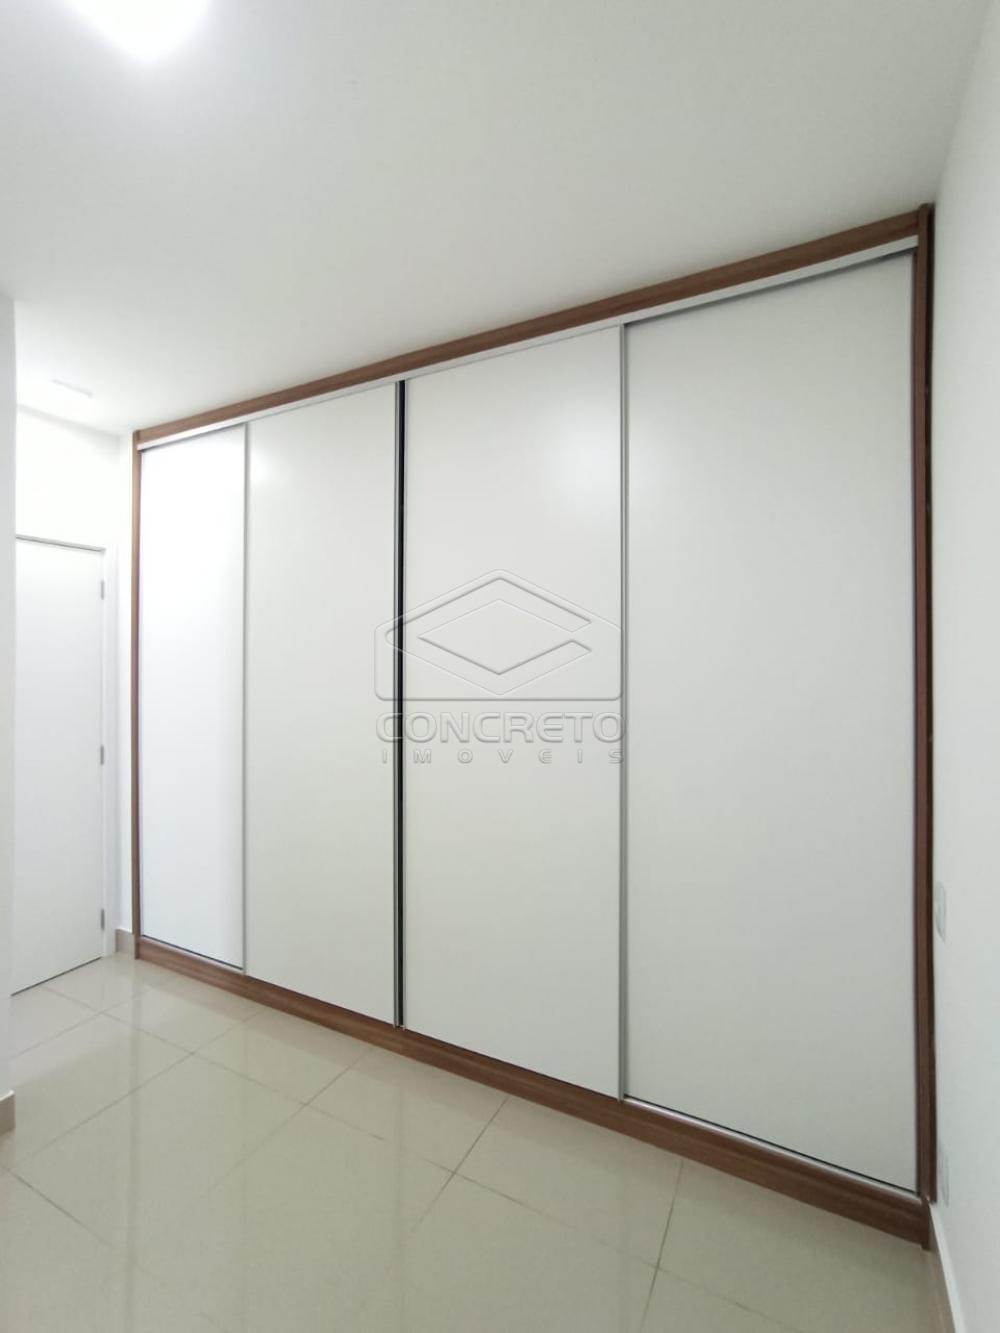 Alugar Apartamento / Padrão em Bauru apenas R$ 2.800,00 - Foto 15